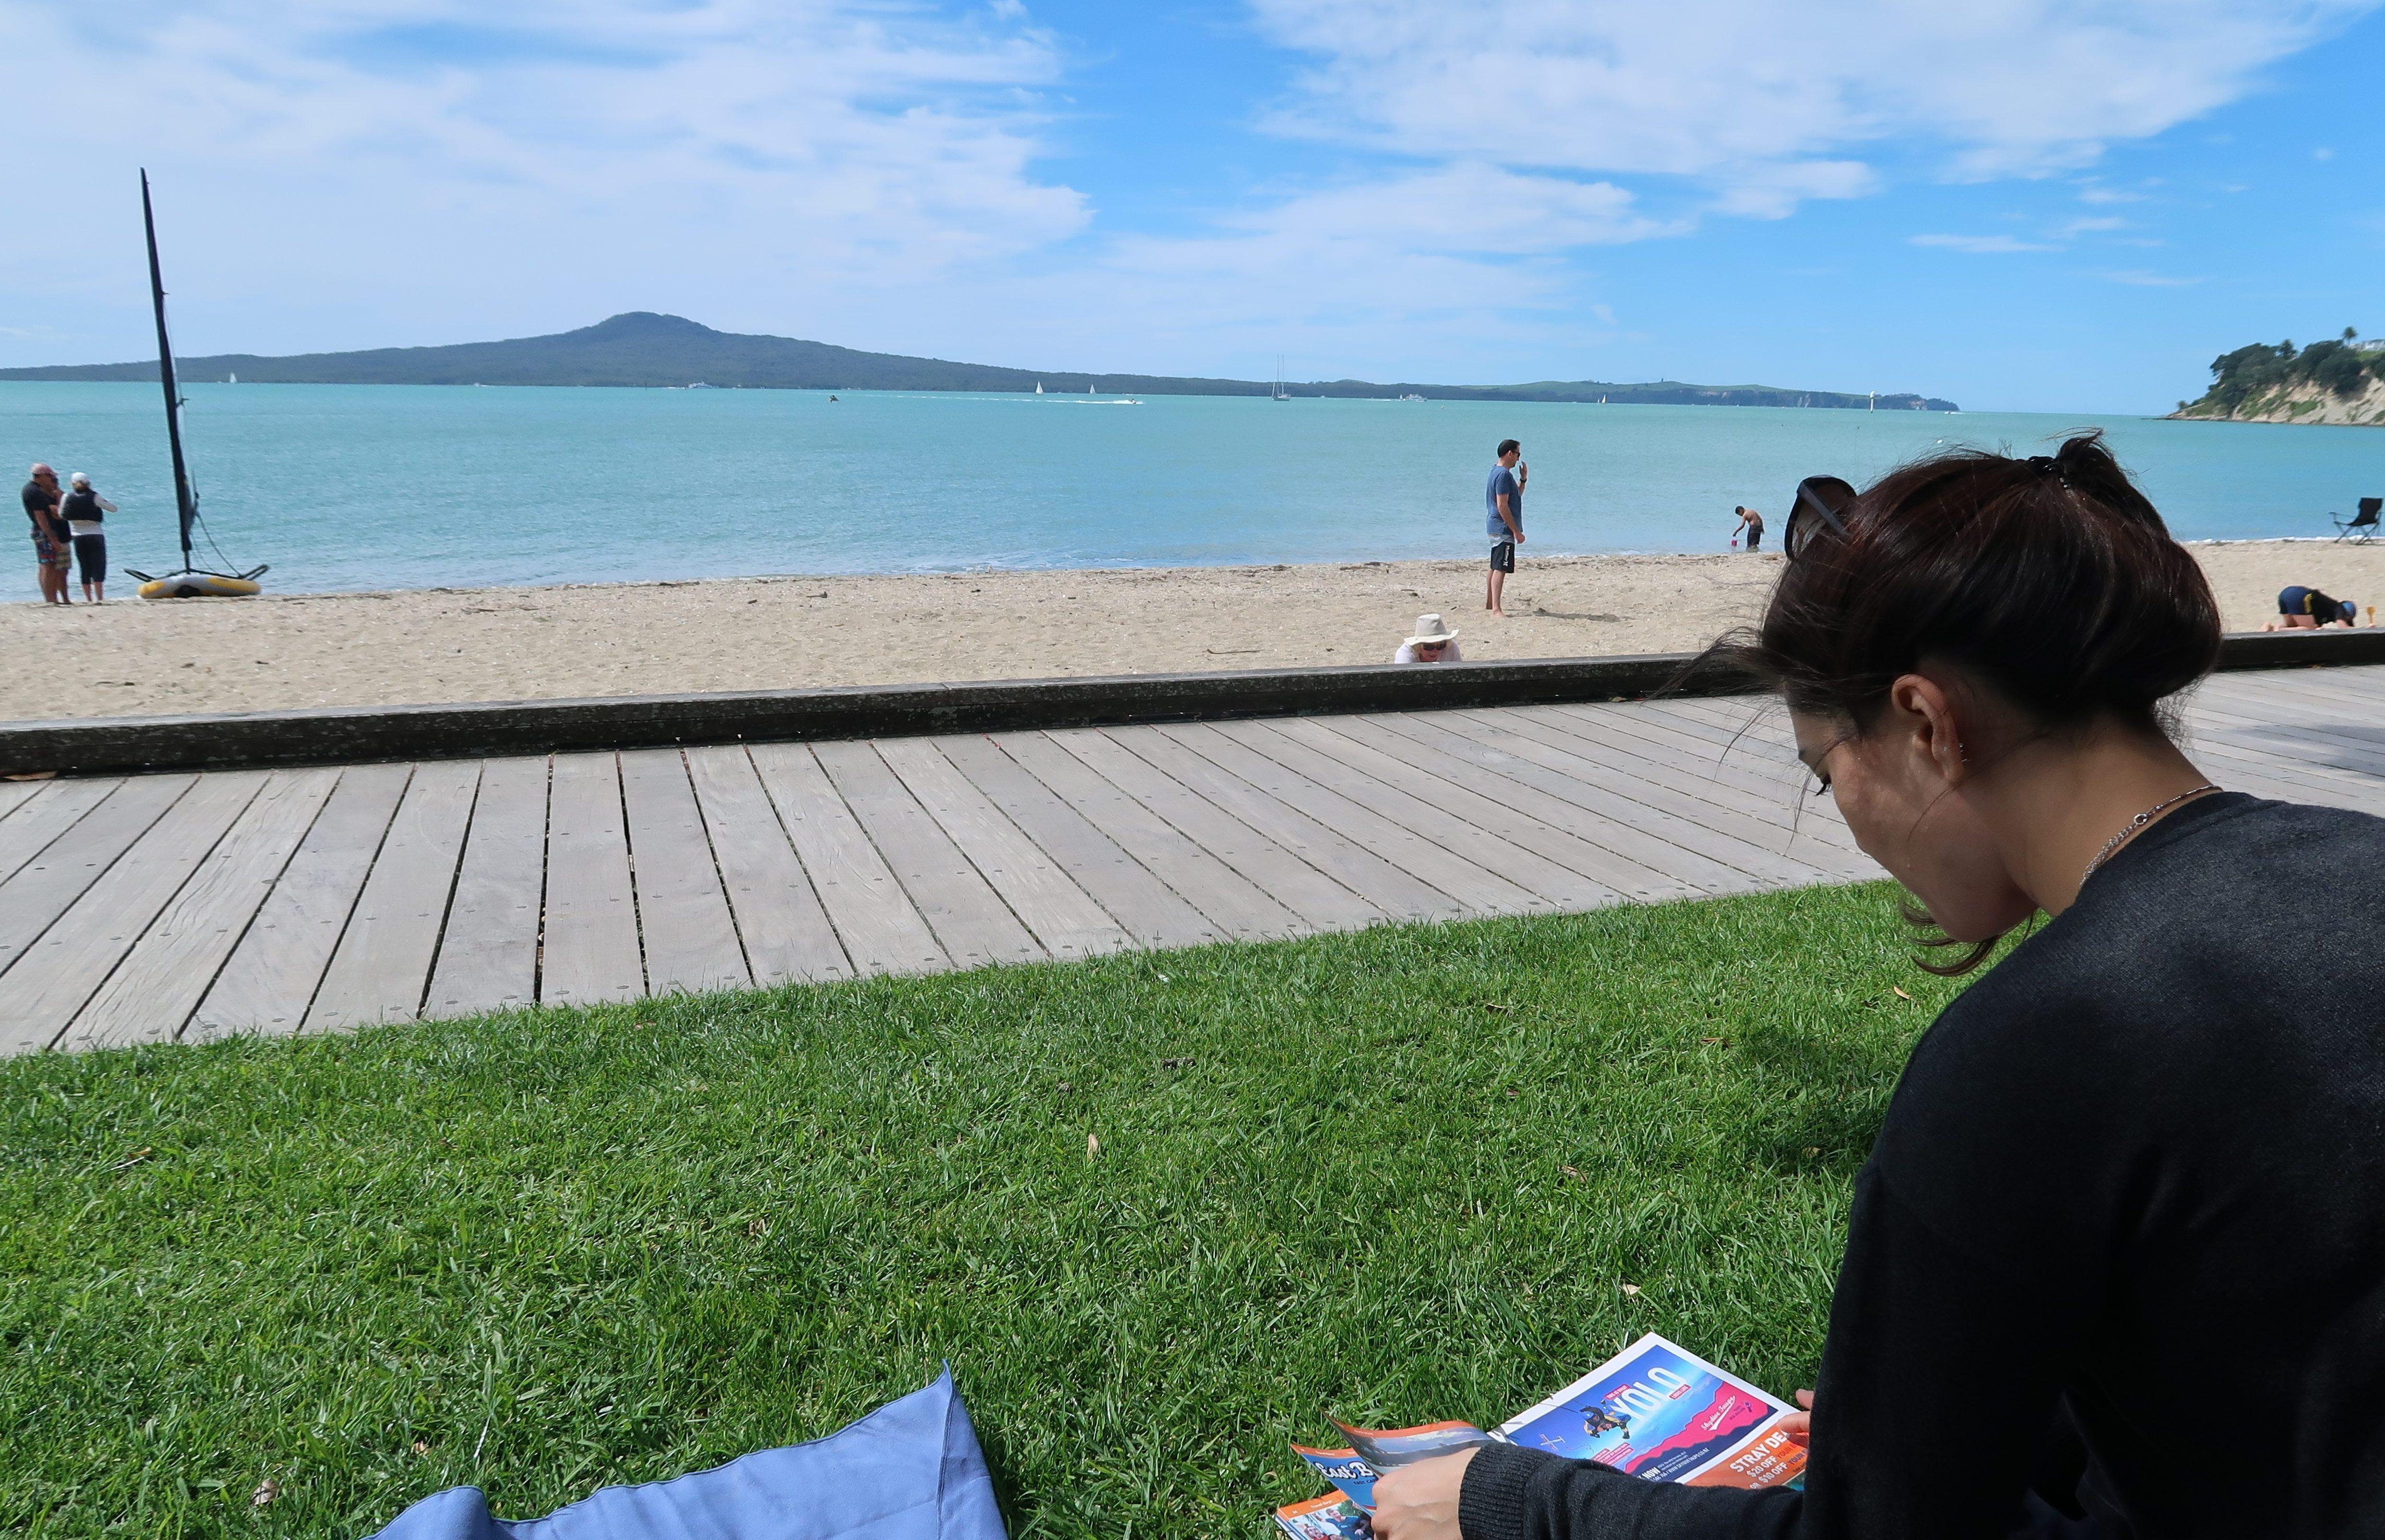 am-reise-planen-in-der-saint-helier-bucht-mit-blick-auf-rangitoto-island